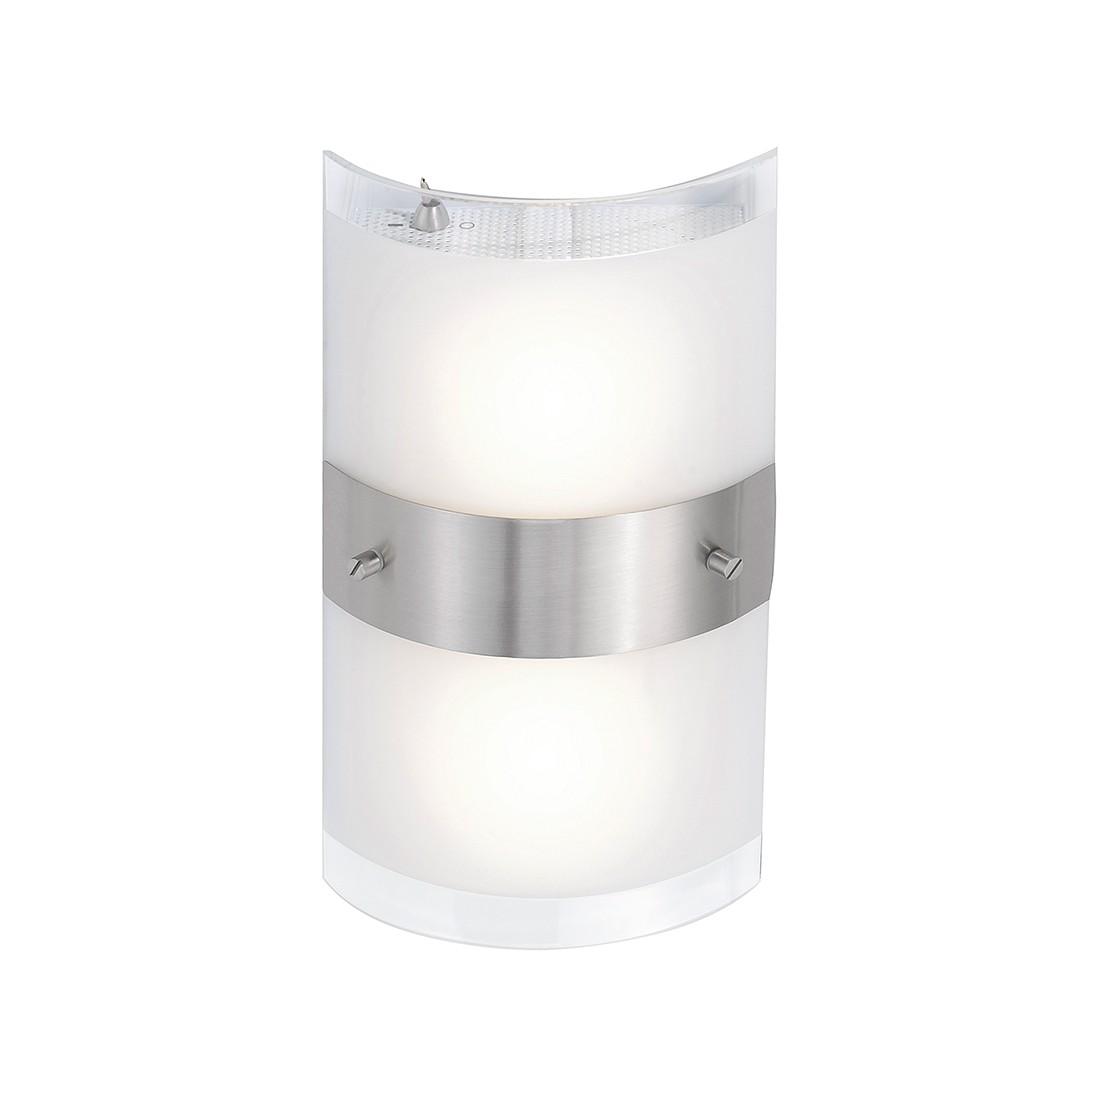 LED-Wandleuchte Saalow ● Nickel Matt ● Silber- FLI Leuchten A+